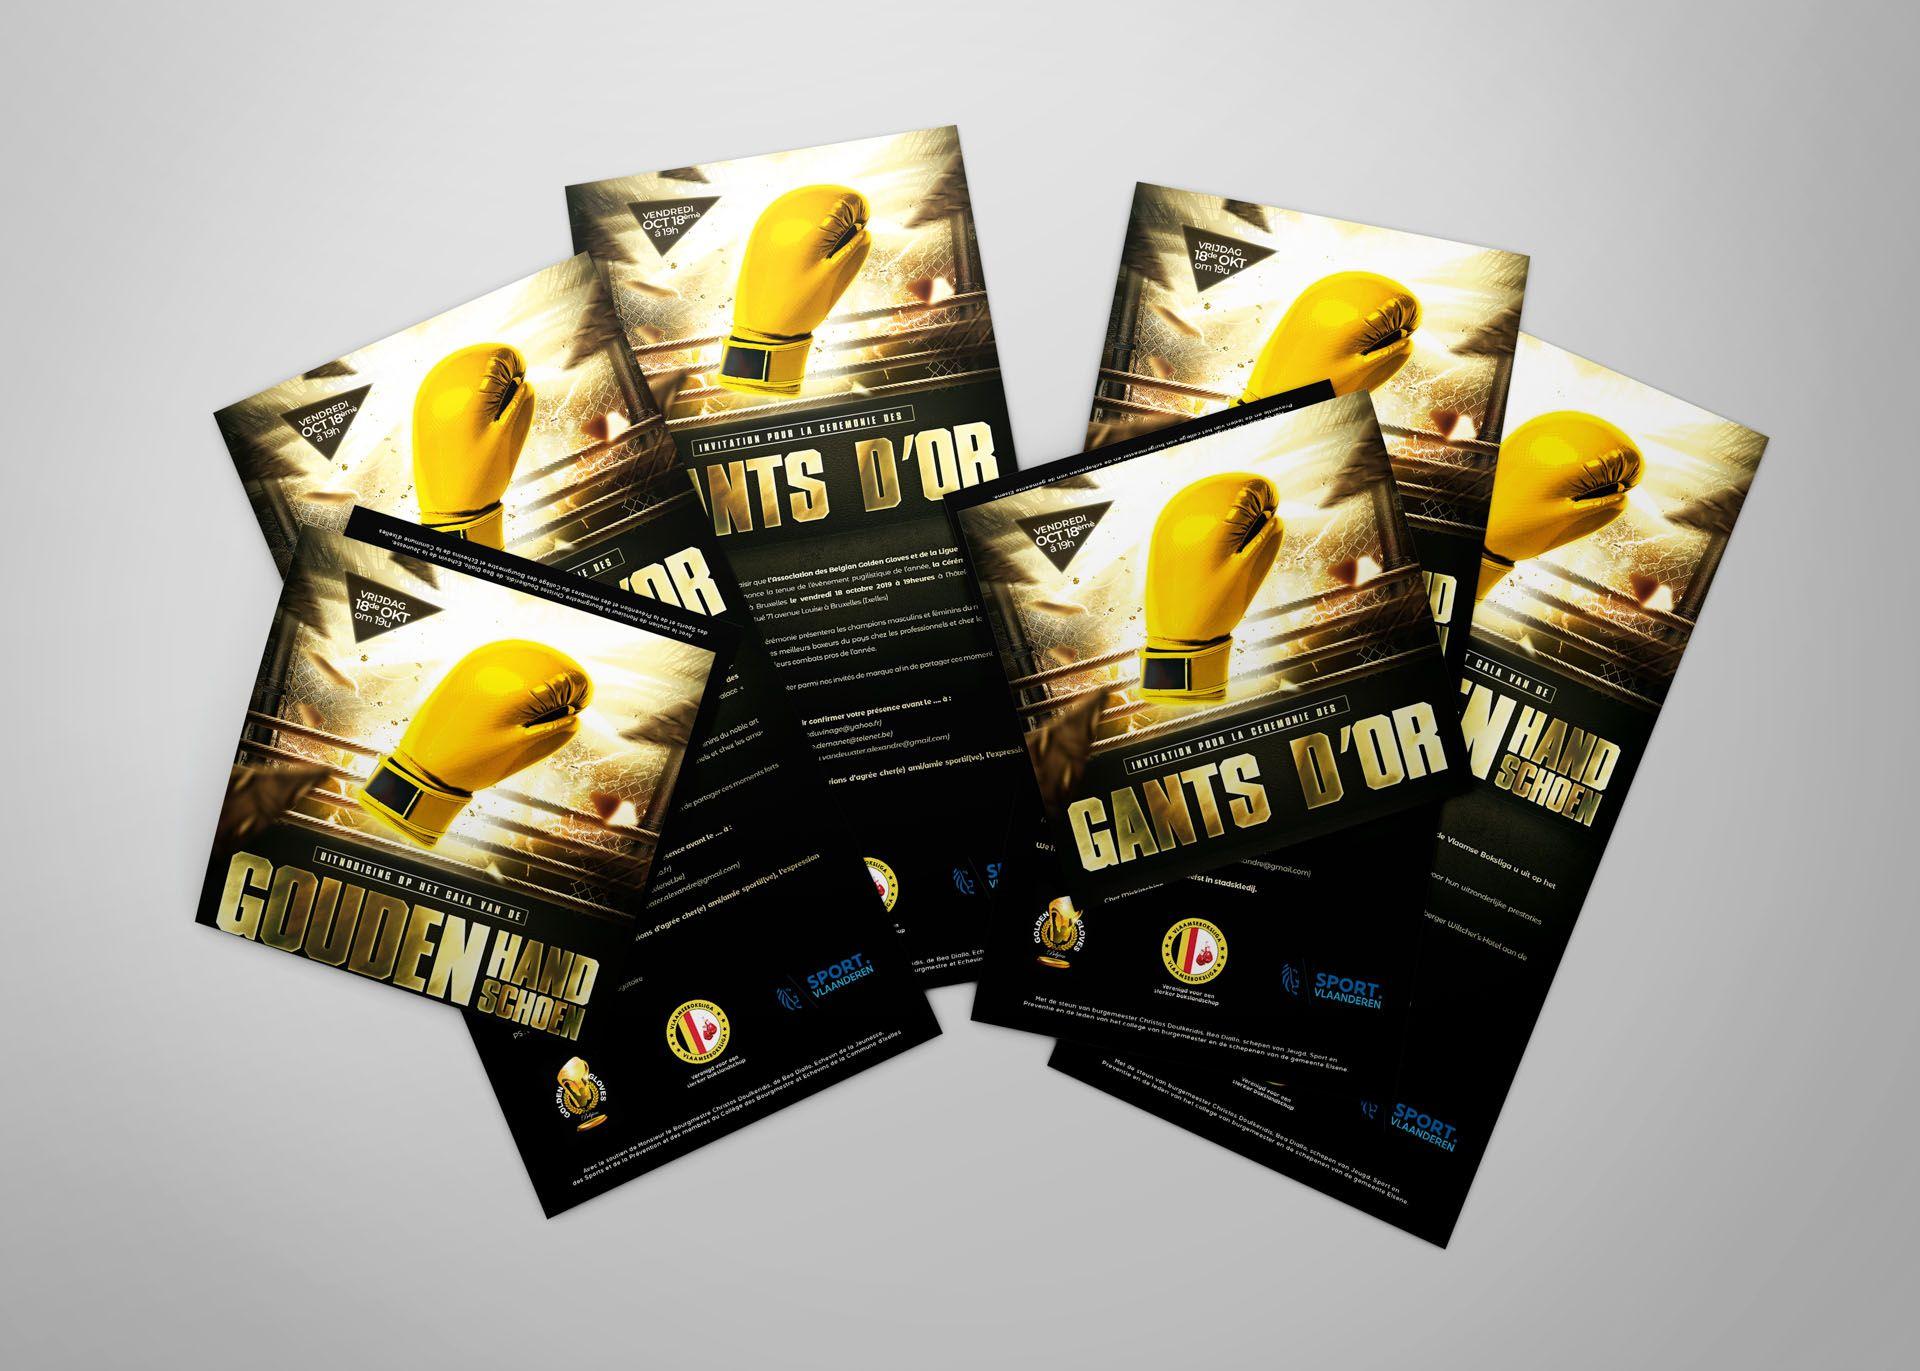 GoldenGloves-2